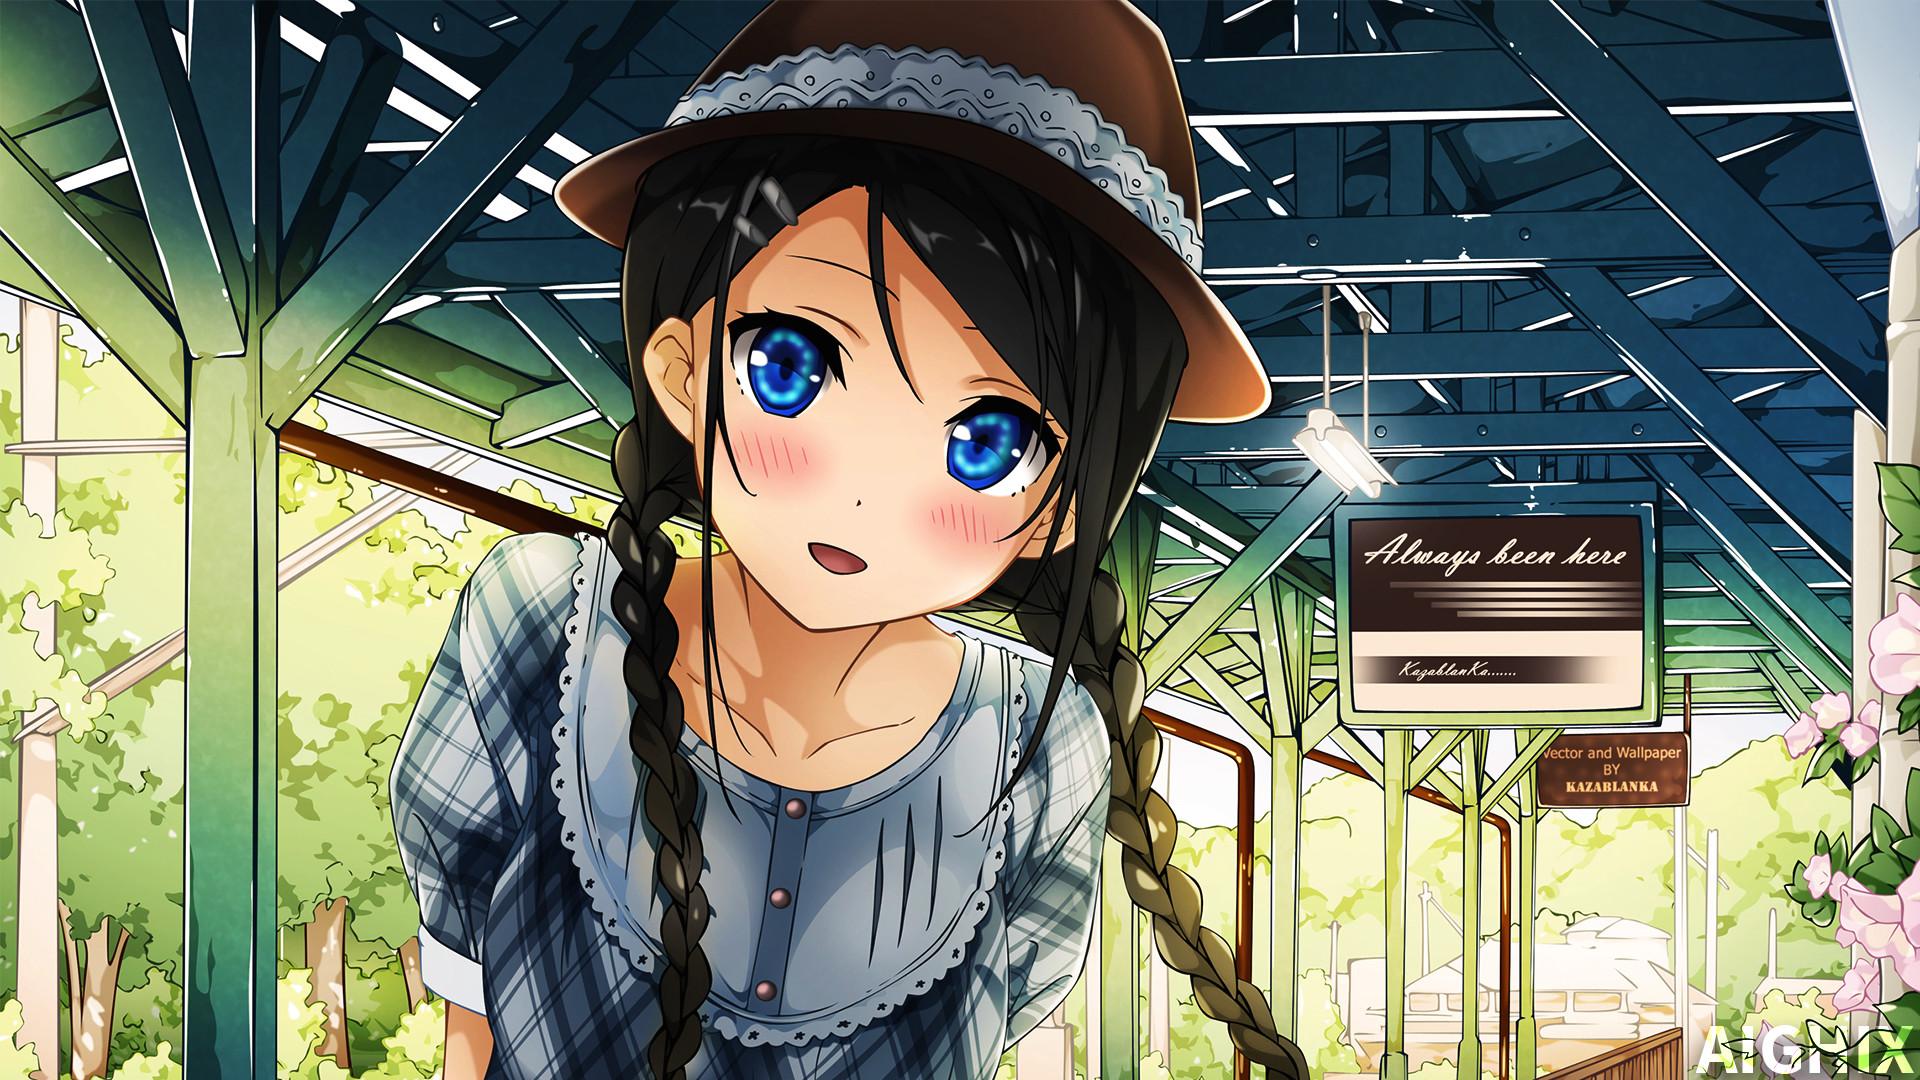 kawaii anime wallpaper (70+ images)